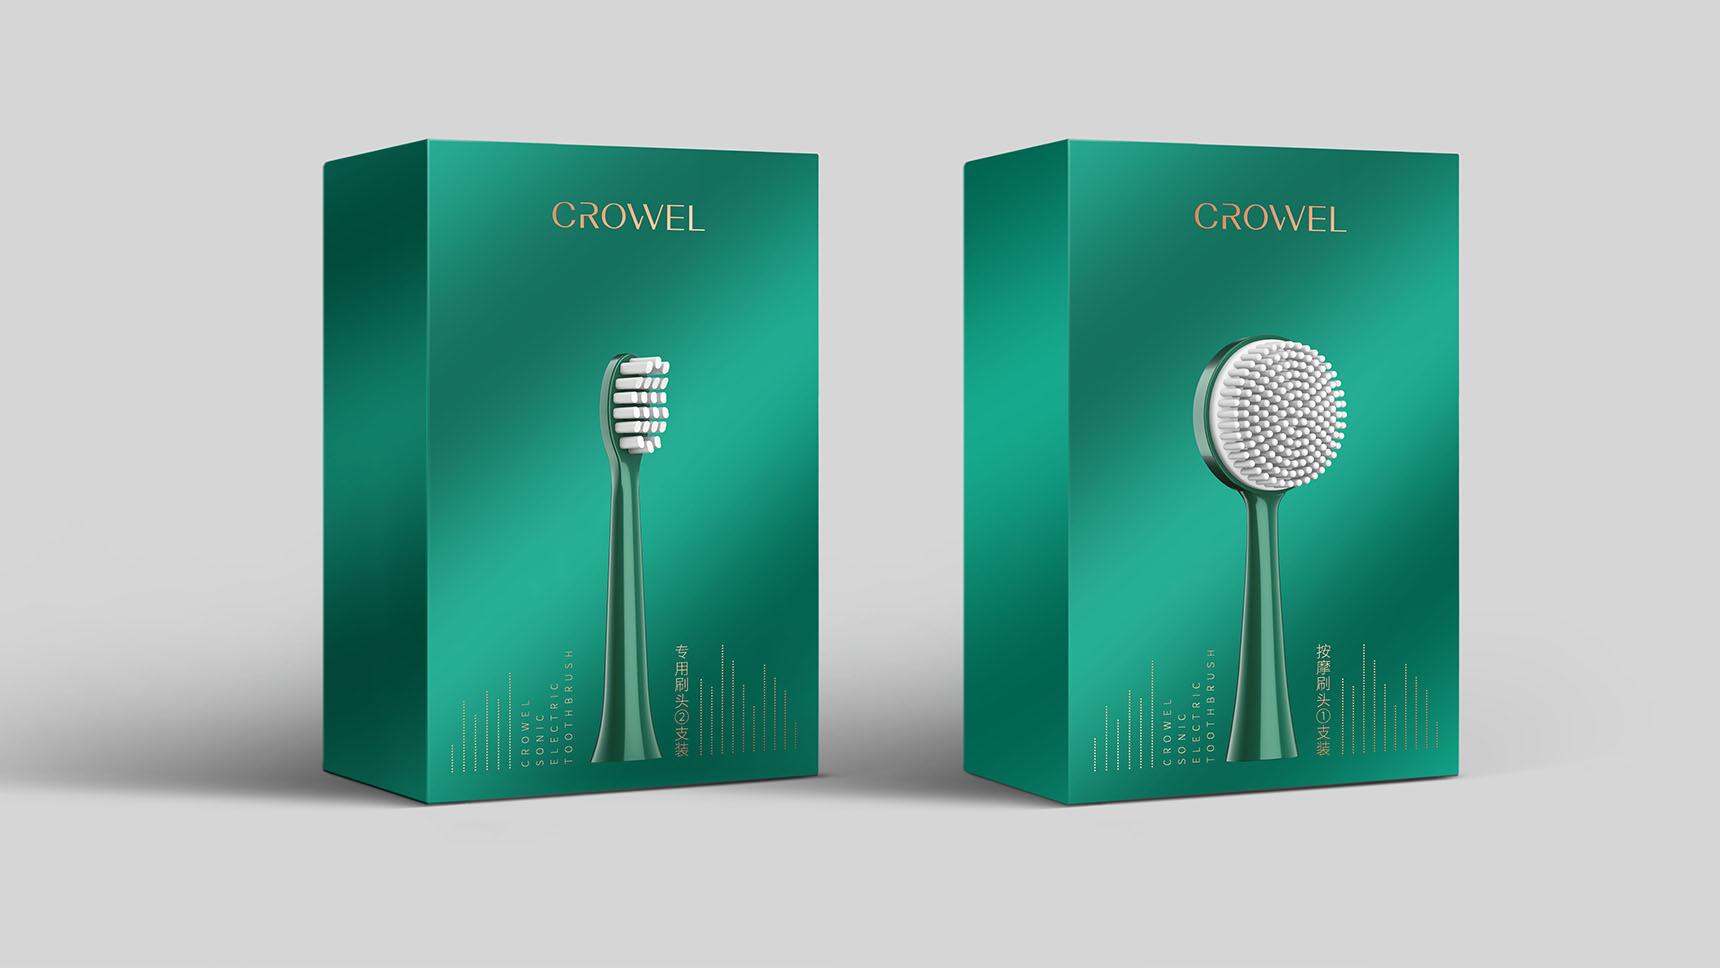 柯珞薇声波电动牙刷包装设计